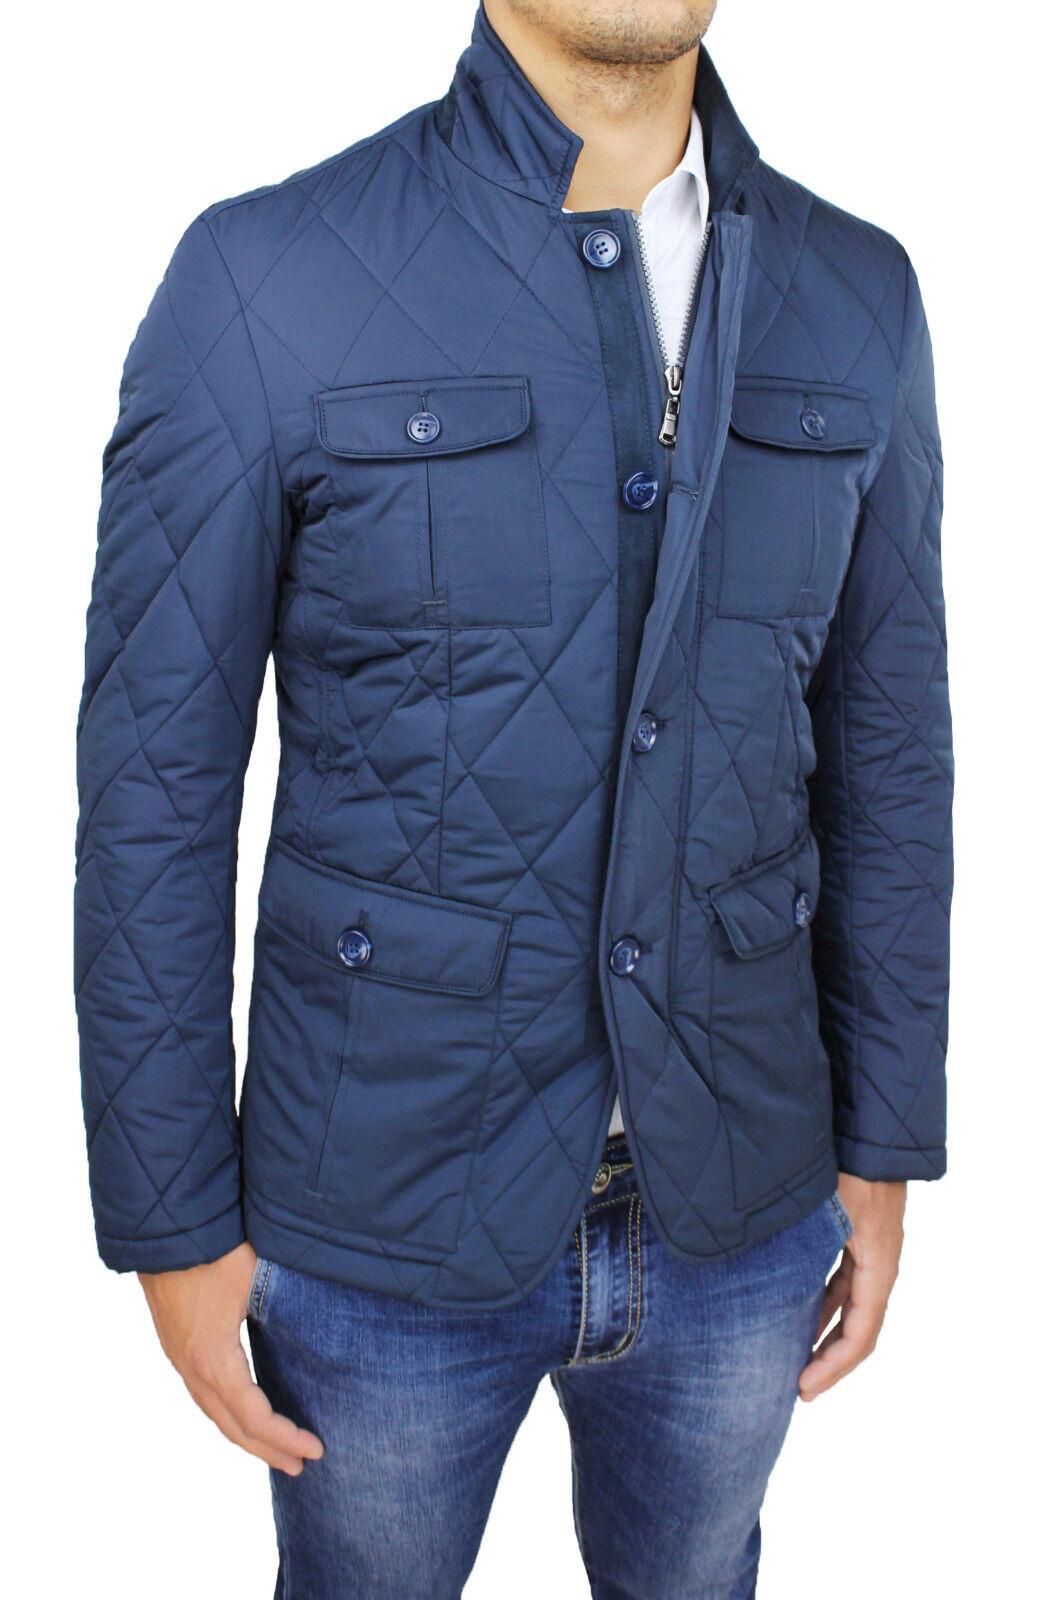 Giubbotto giacca elegante uomo